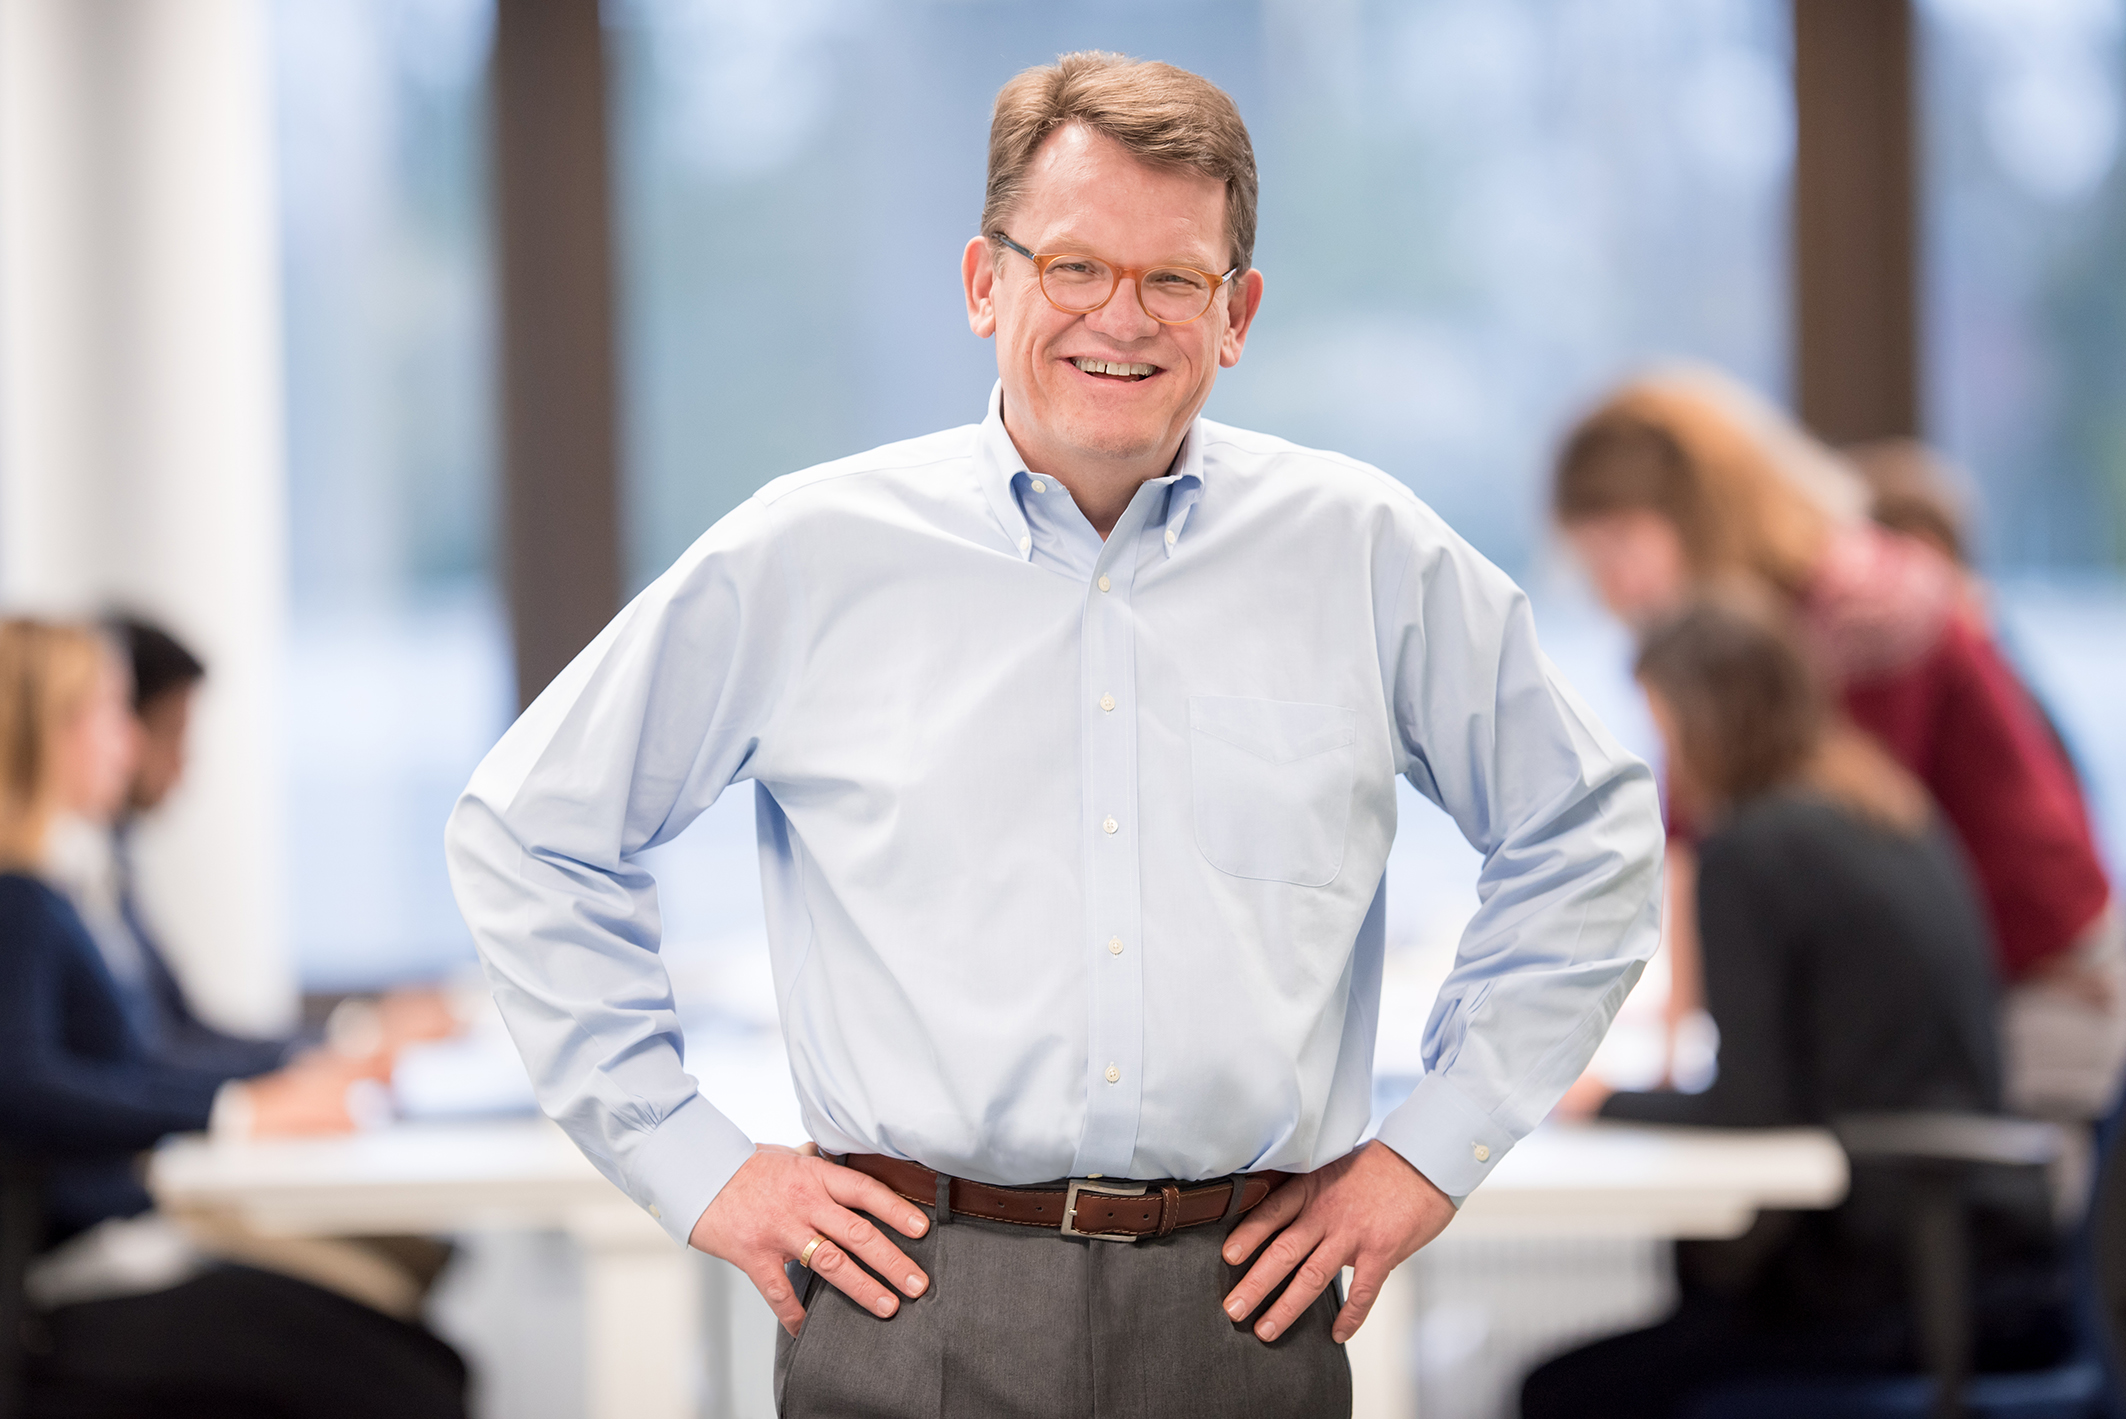 Uwe Raschke ist CEO der BSH Hausgeräte GmbH und Mitglied der Geschäftsführung der Robert Bosch GmbH. In dieser Funktion verantwortet er den Bosch-Unternehmensbereich Consumer Goods, zu dem neben der BSH auch die Robert Bosch Power Tools GmbH gehört.